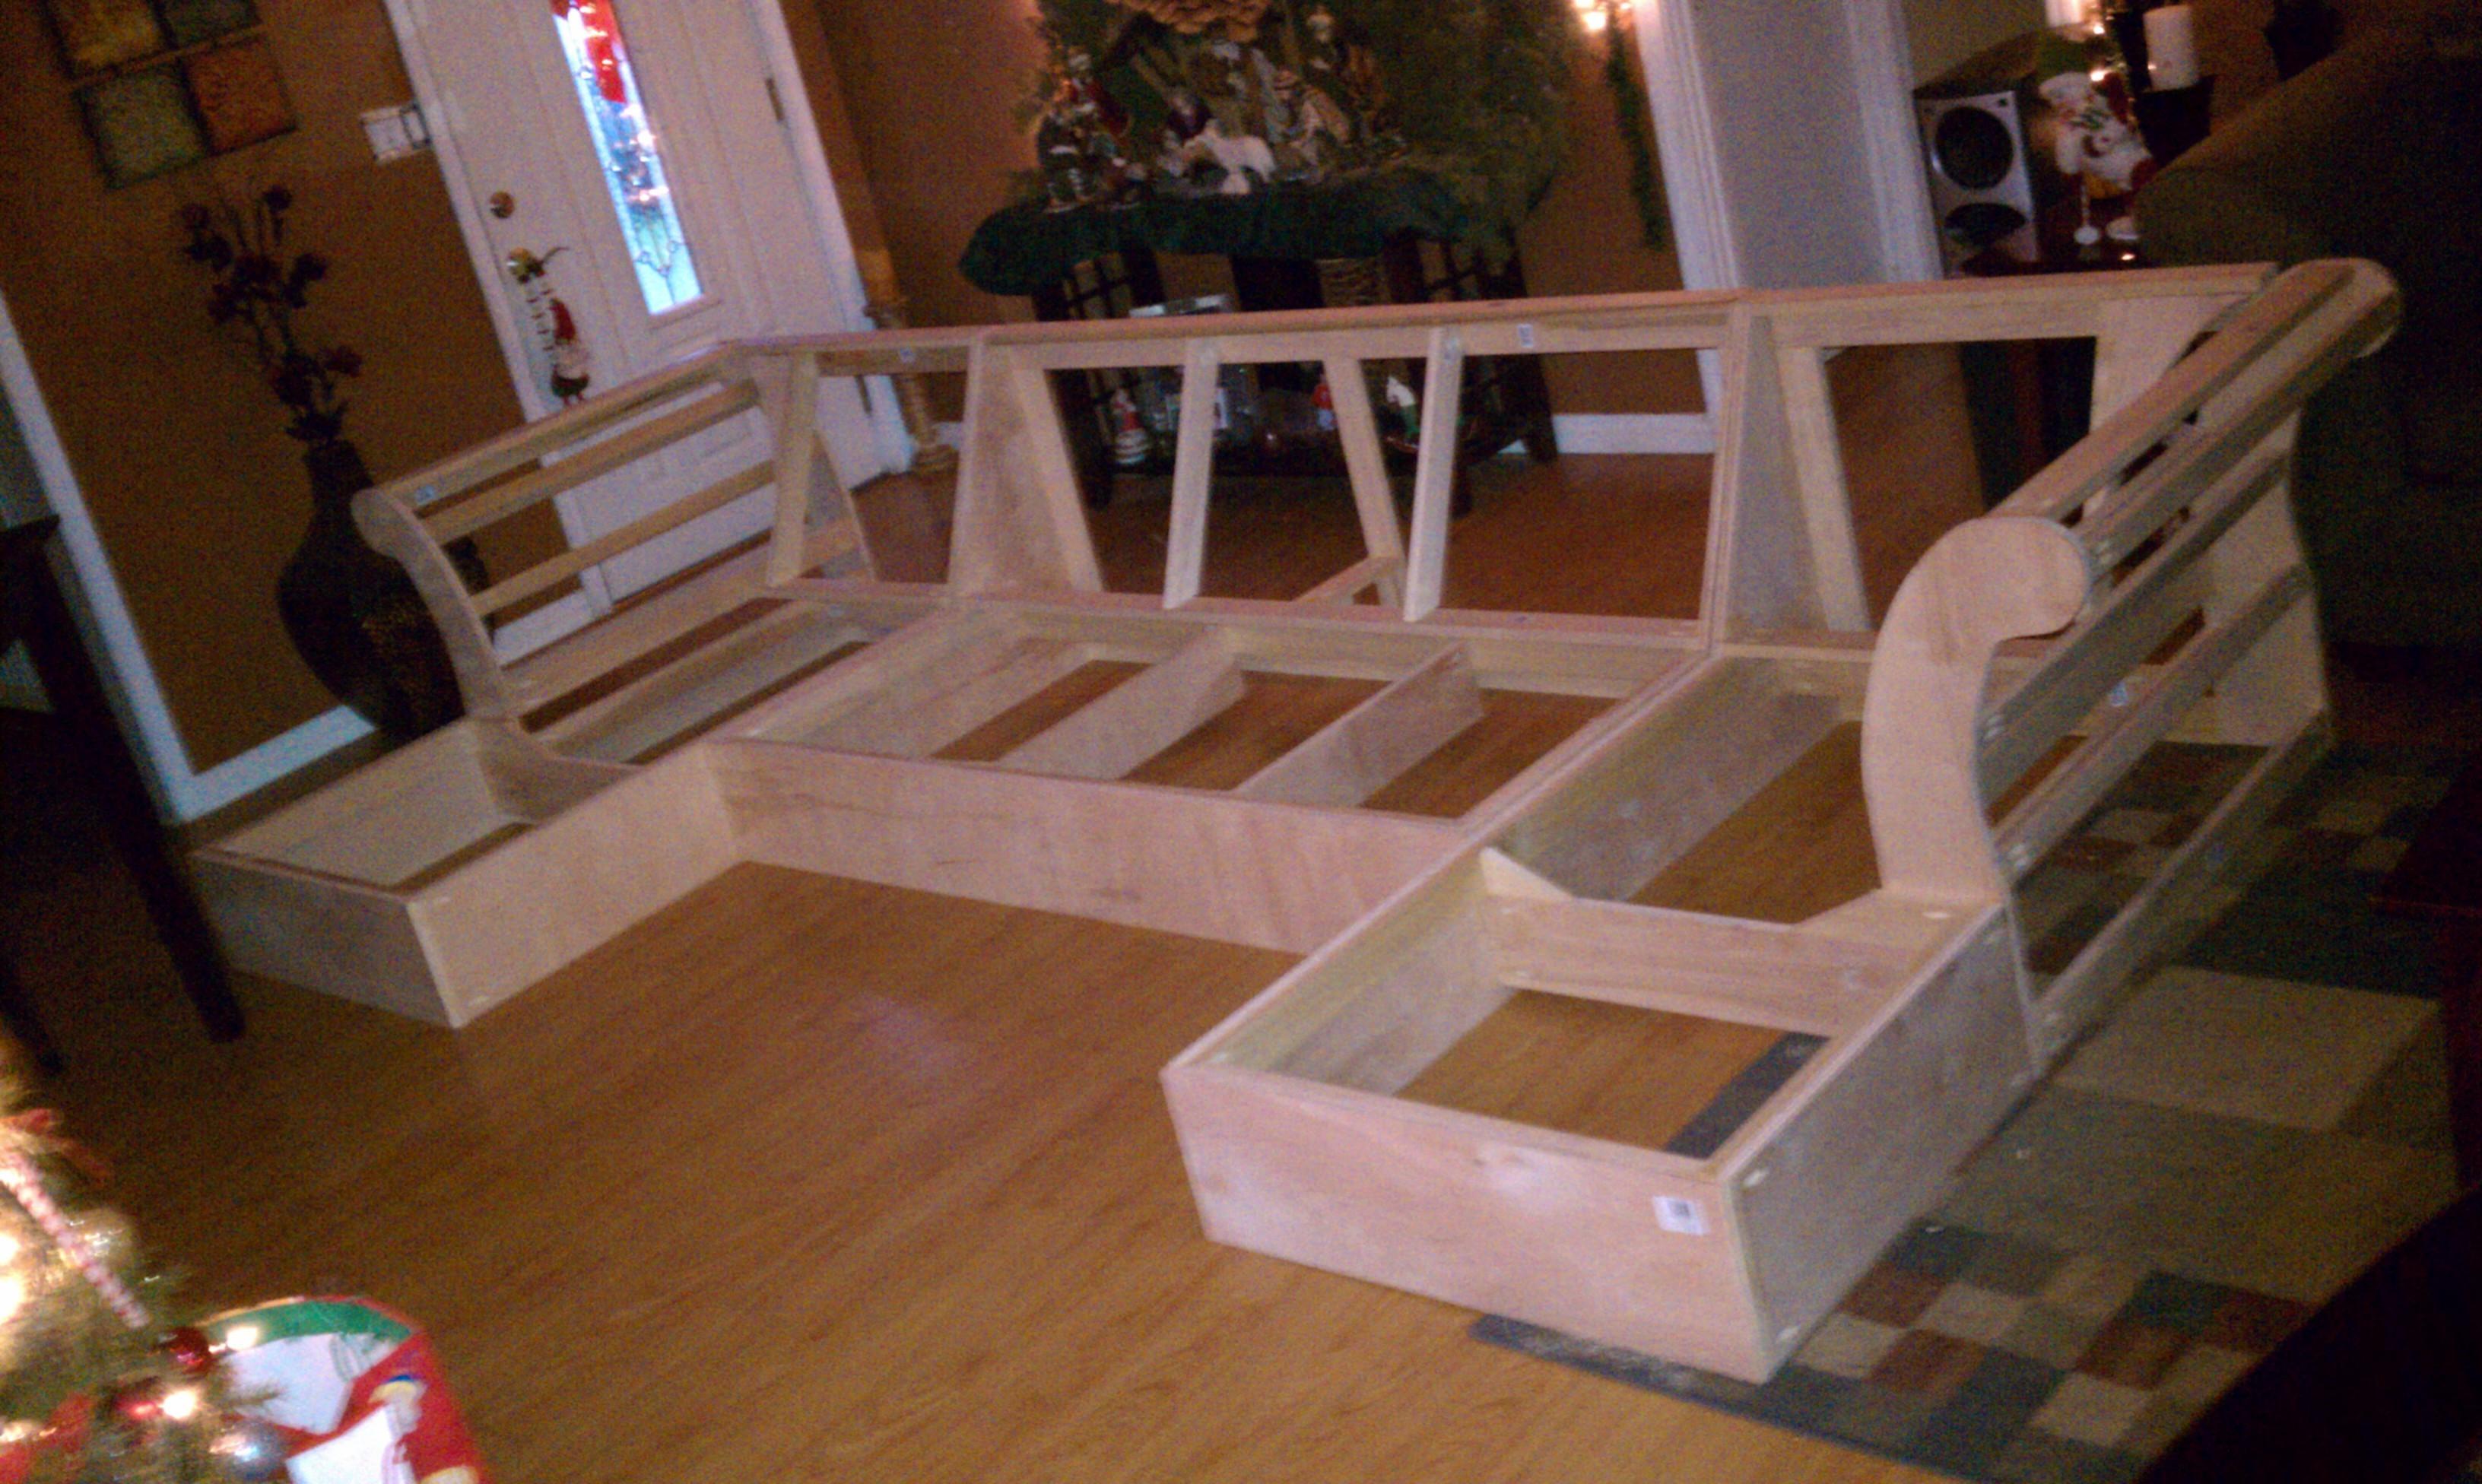 Sofas Center : Show Diy Sectional Sofas Sofa Plans Frame Cover For Inside Diy Sectional Sofa Frame Plans (View 7 of 15)